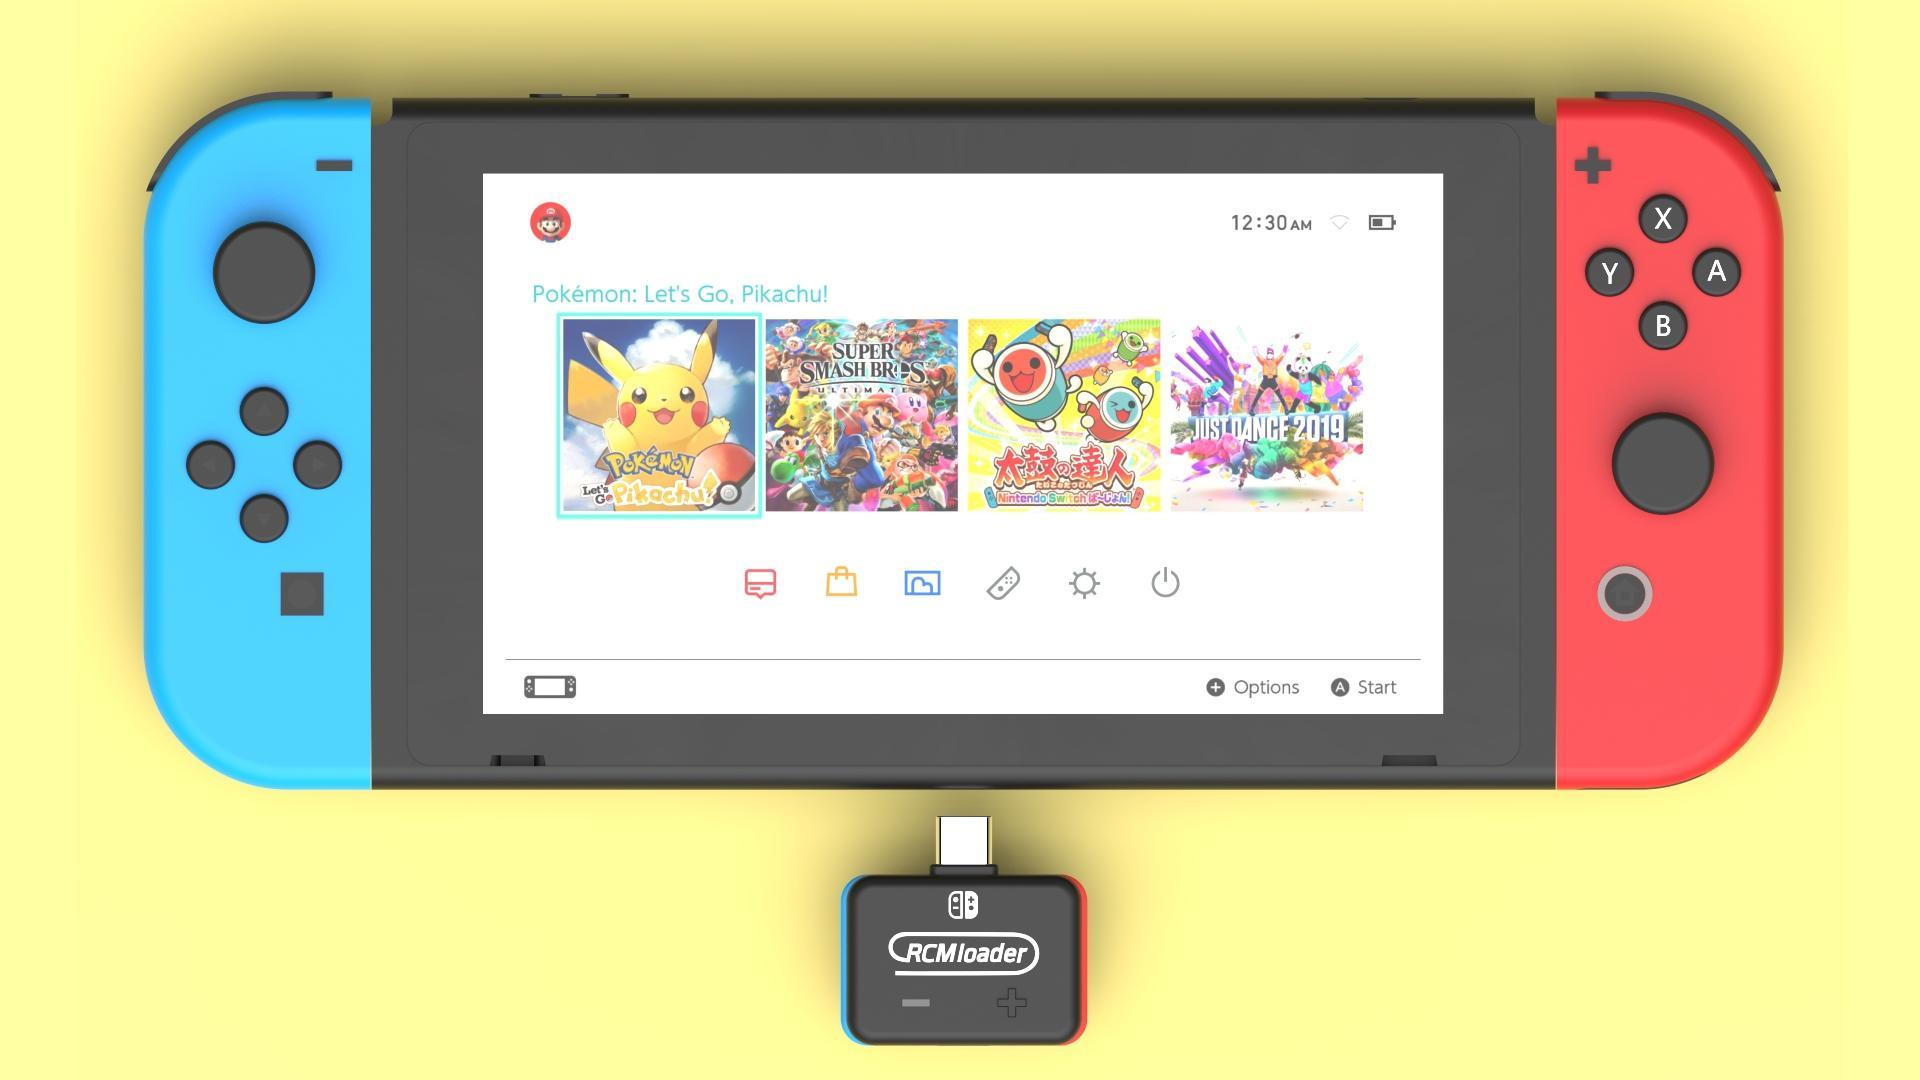 Comment installer CFW atmosphère sur Nintendo Switch v8.0.1 avec RCM loader ? dans Nintendo Switch 11887e0d-1323-4ea0-b27e-6684a9fa5123